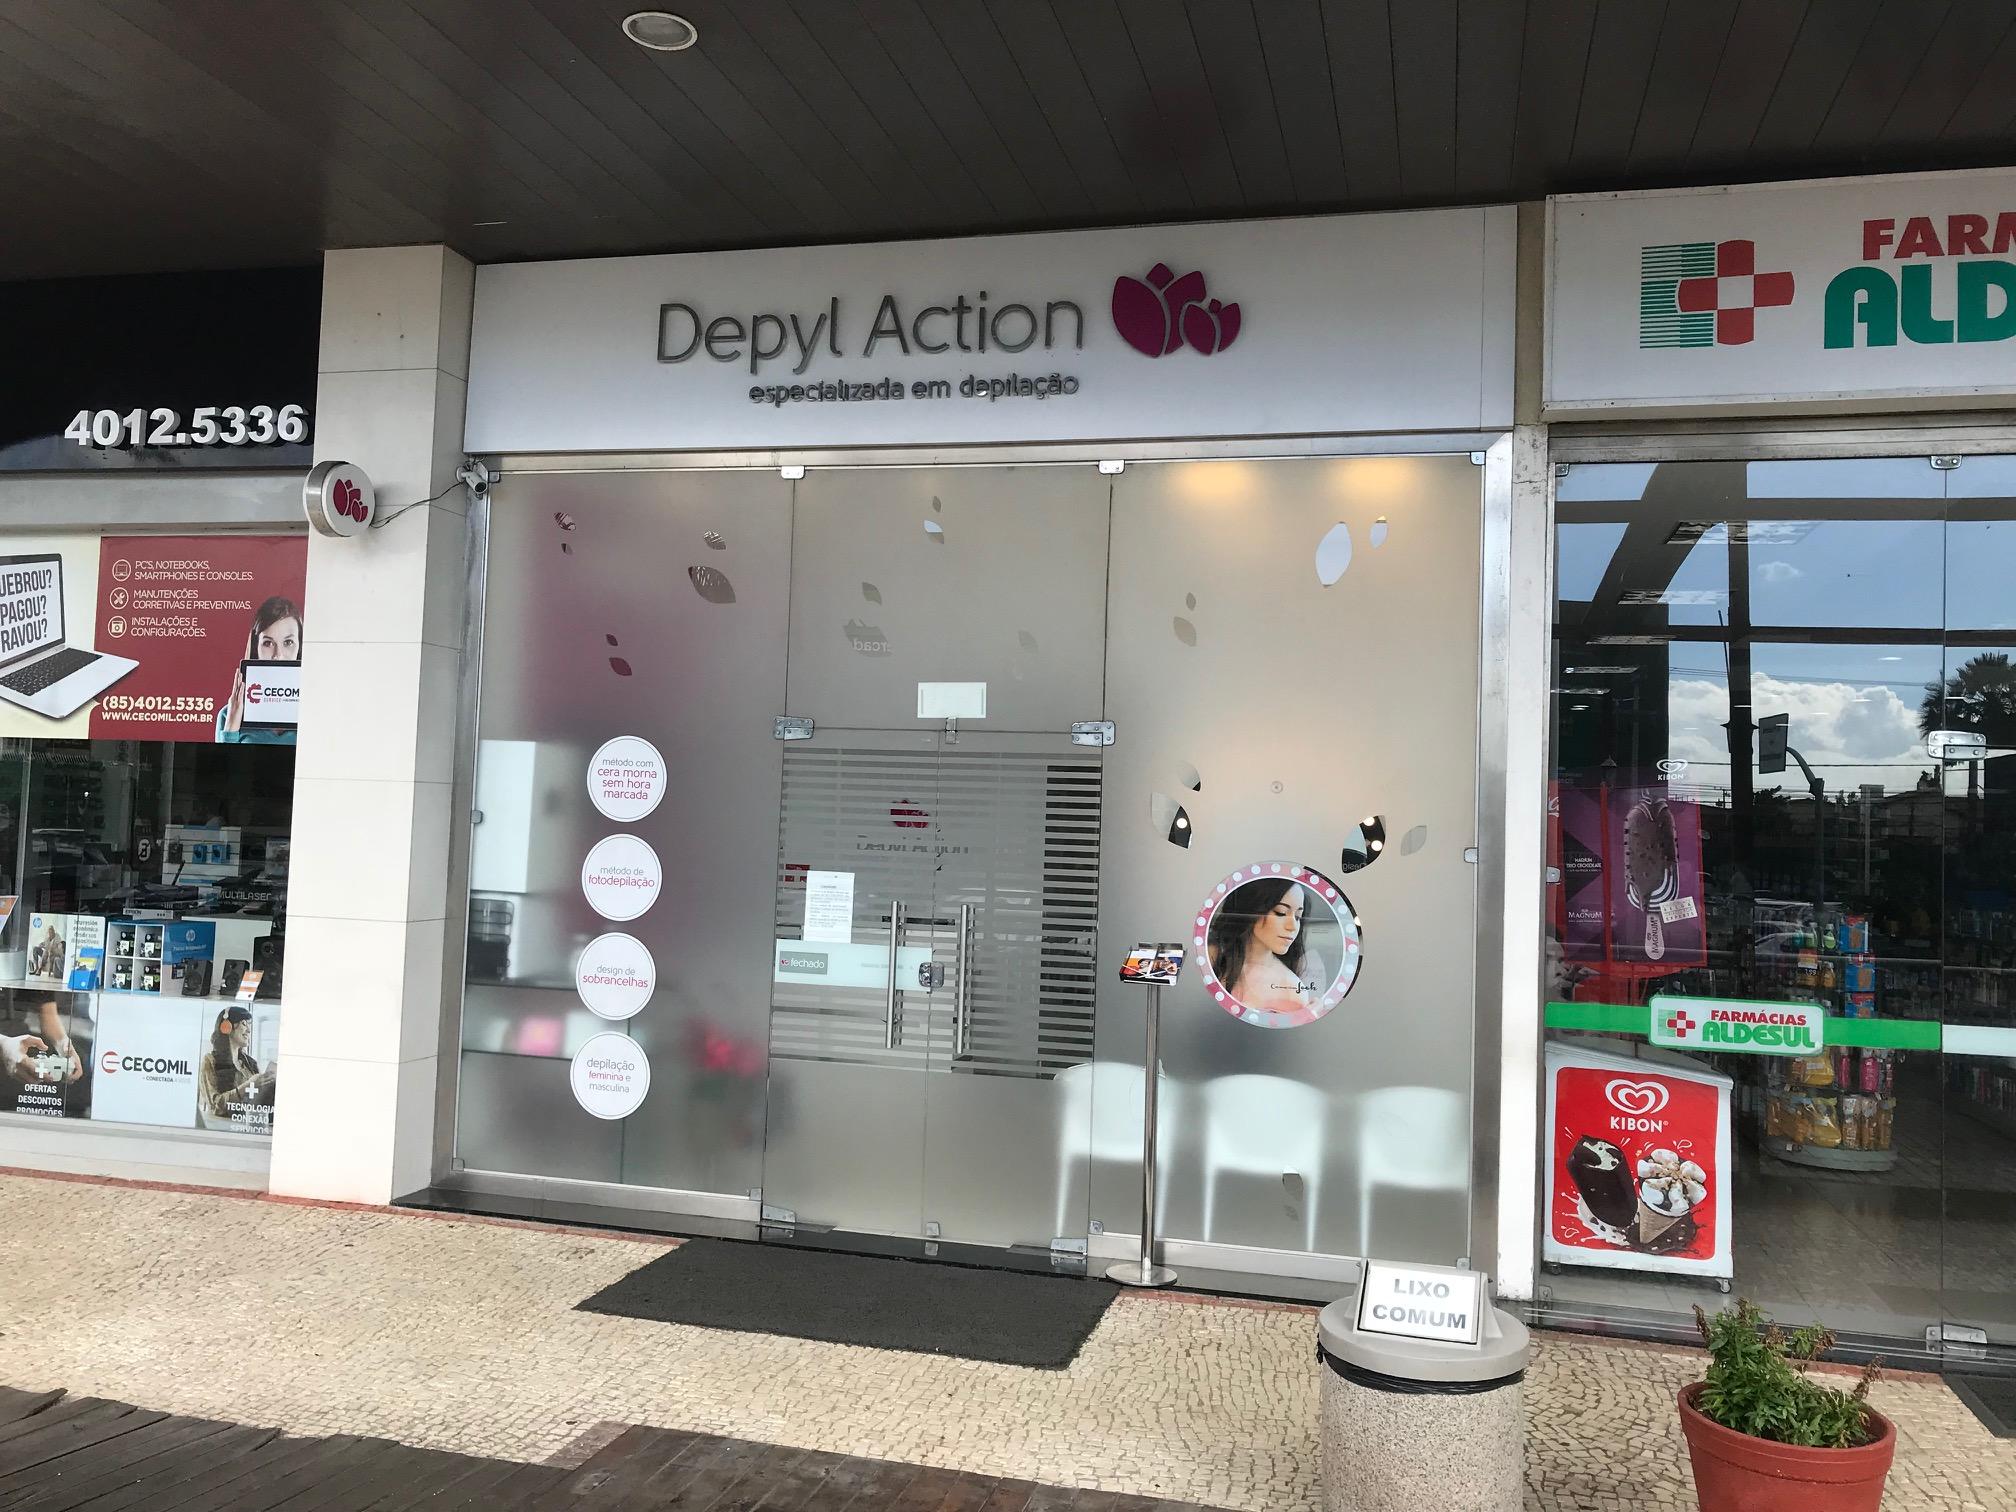 Depilação é com a Depyl Action! Combo de Depilação Feminina com Cera Morna em 3 regiões do corpo de R$95 por R$66,50